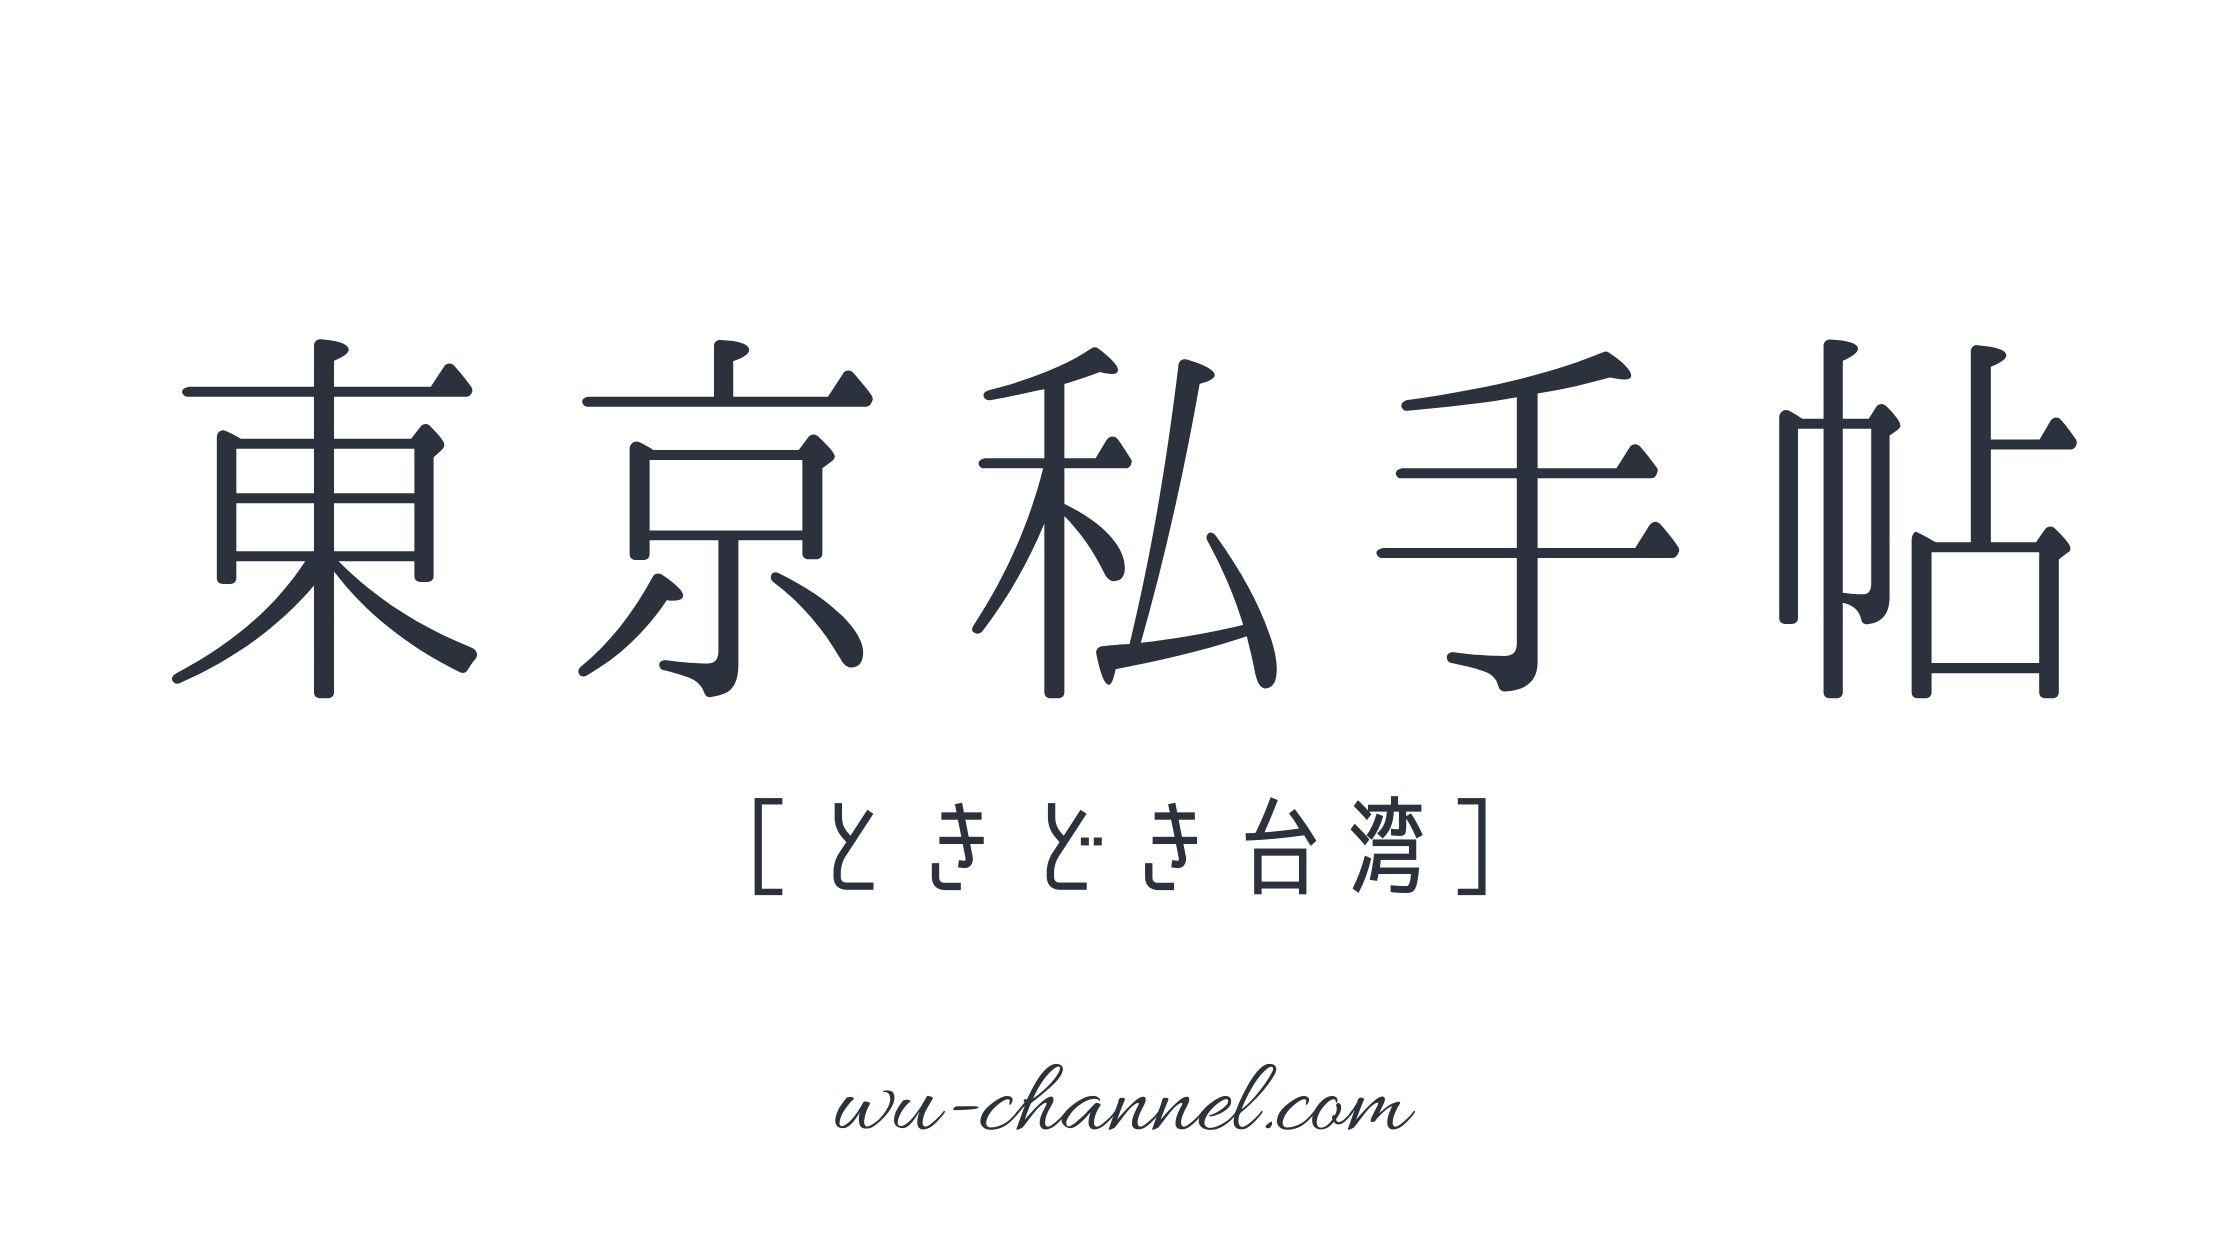 wu-channel 東京私手帖